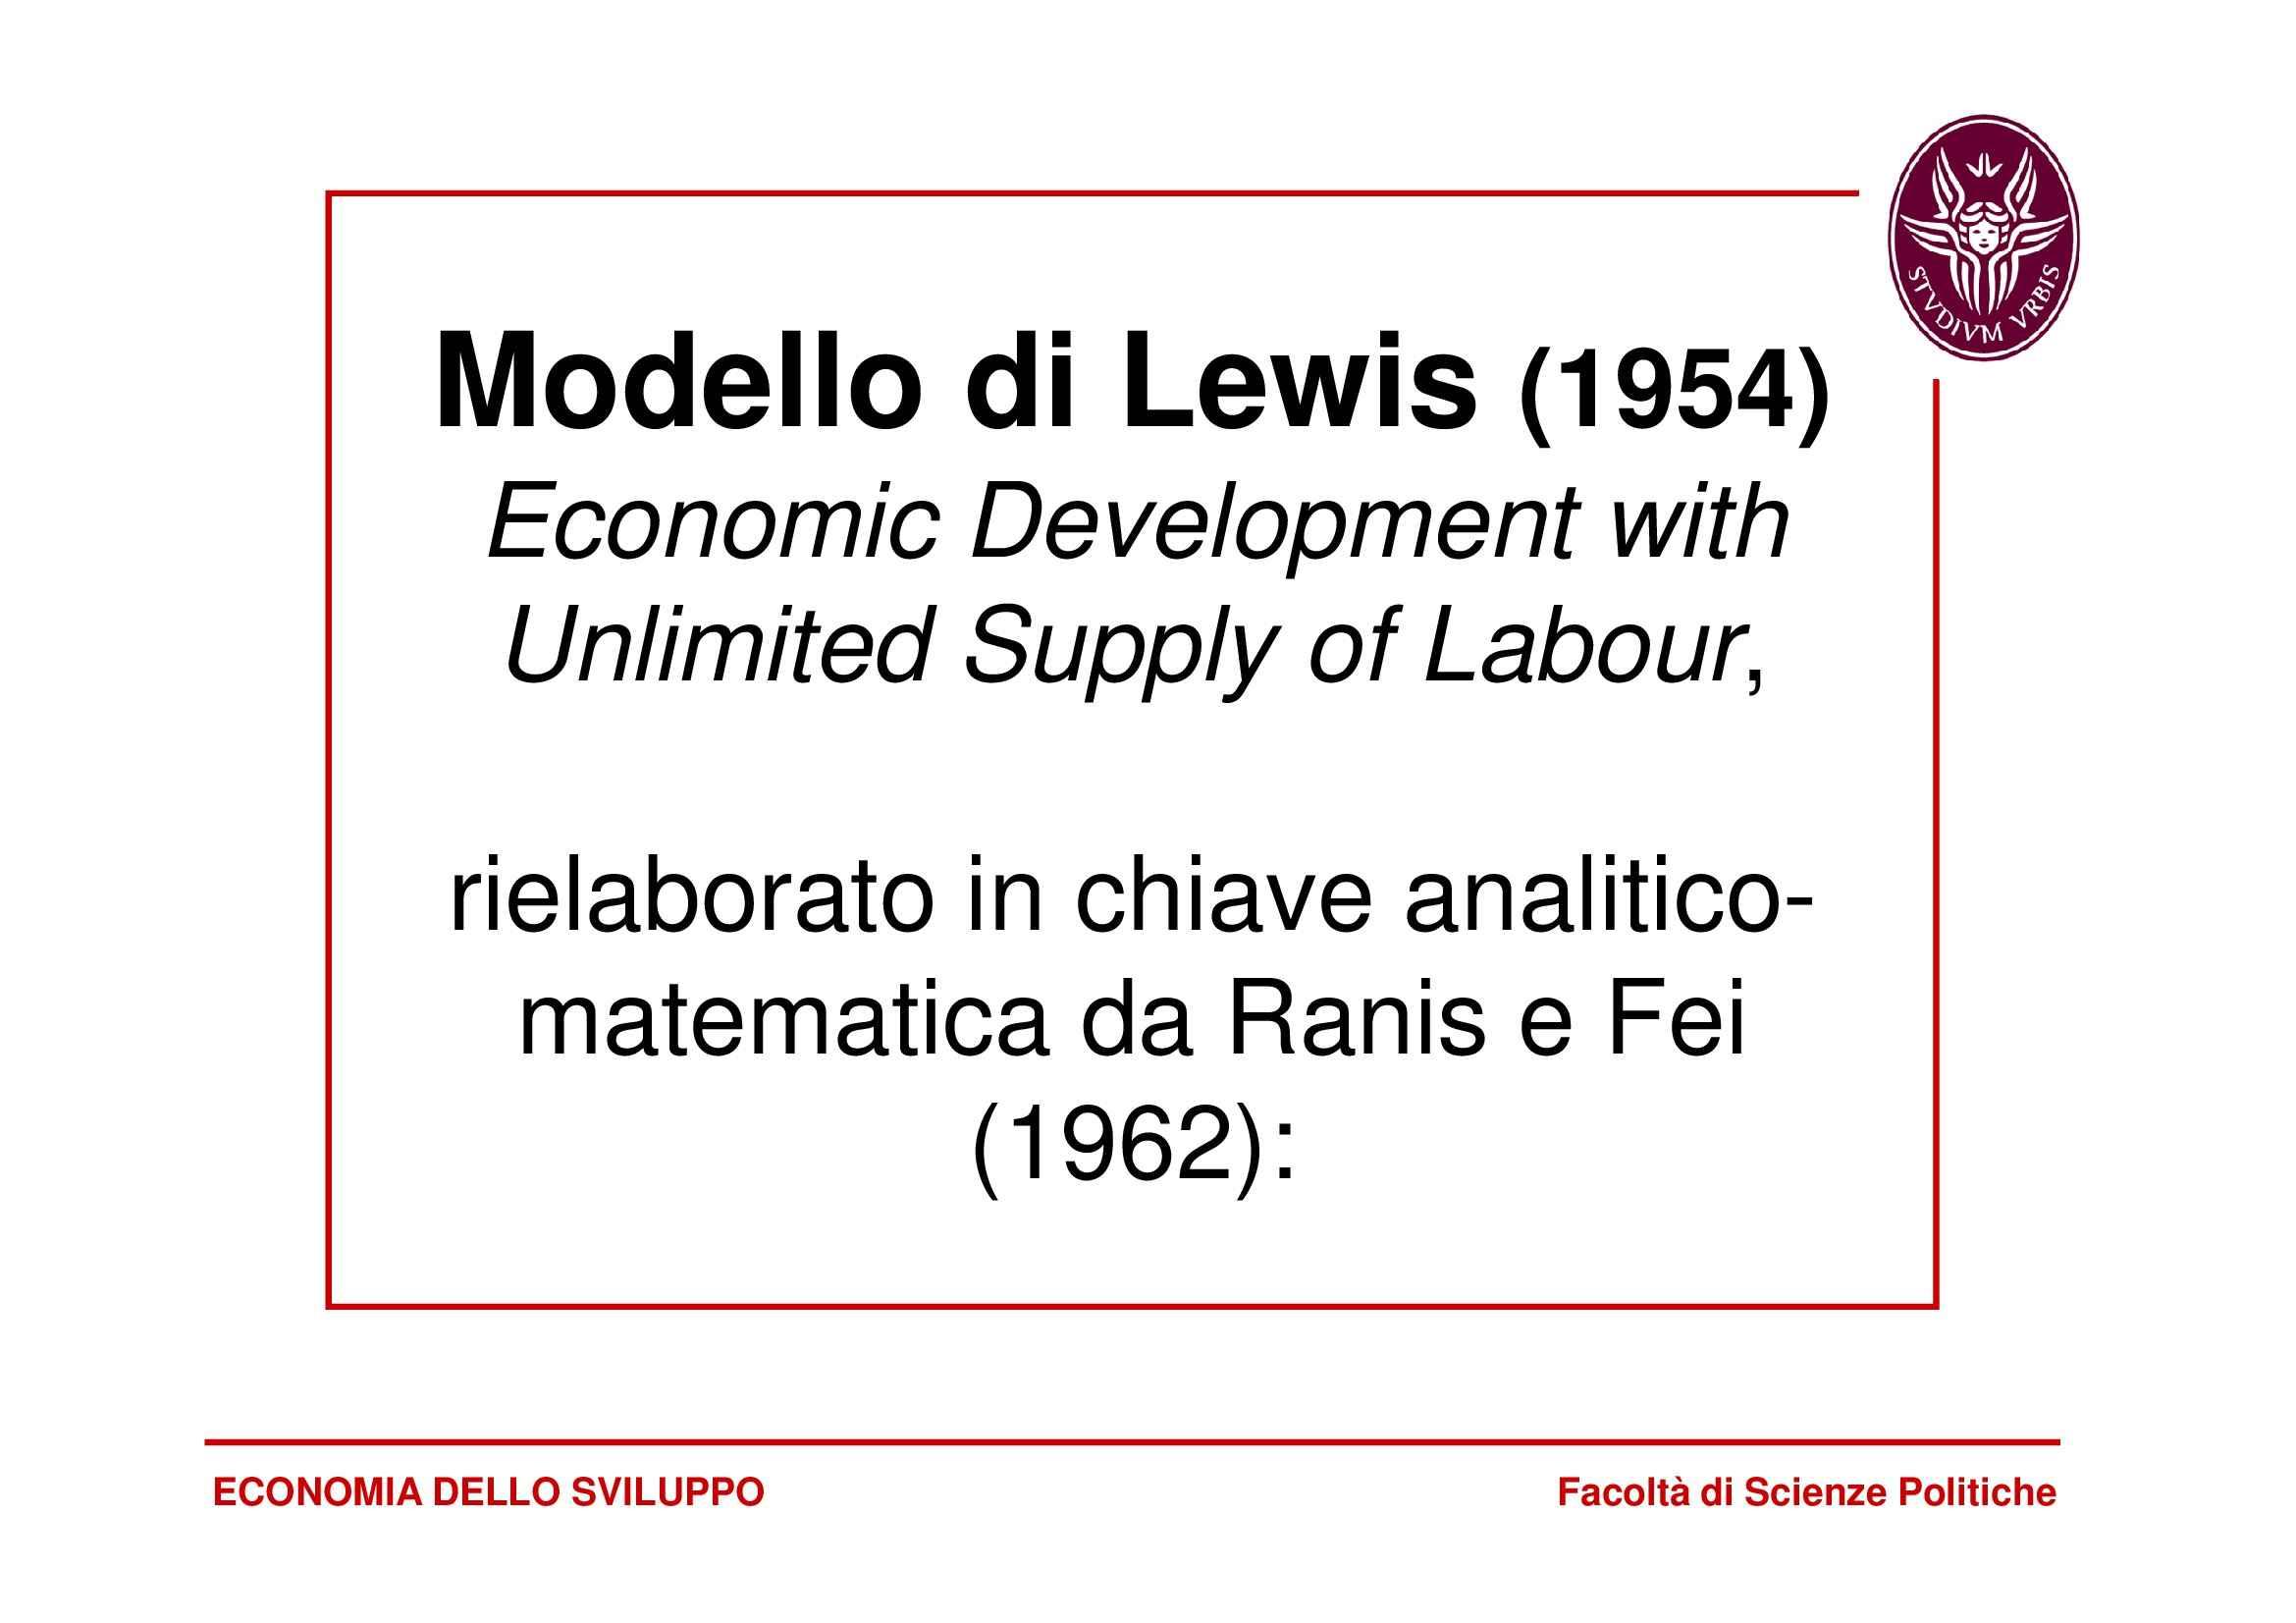 Lewis - Modello